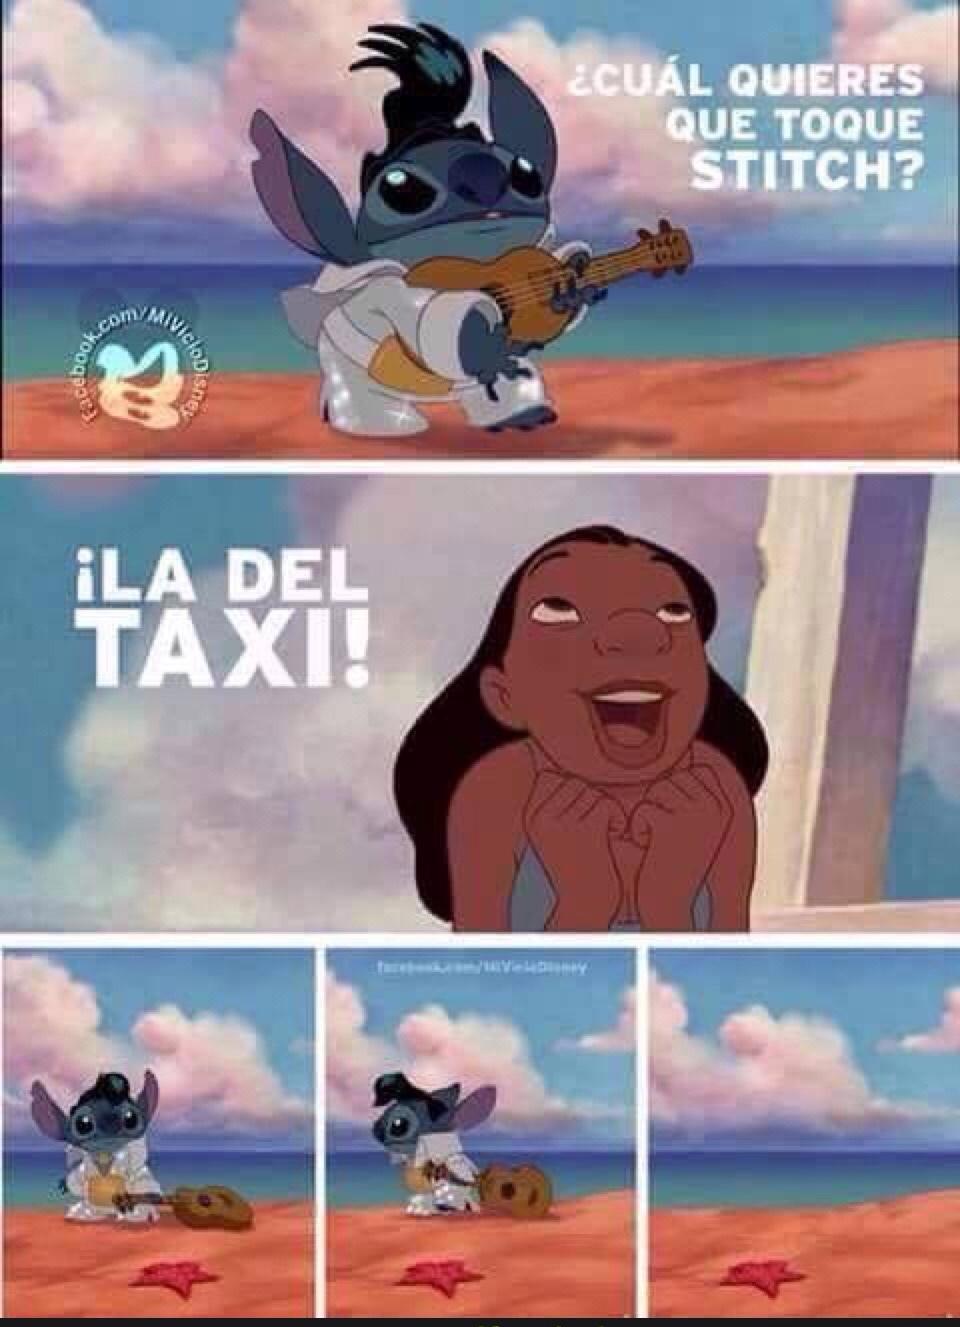 la del taxi - meme